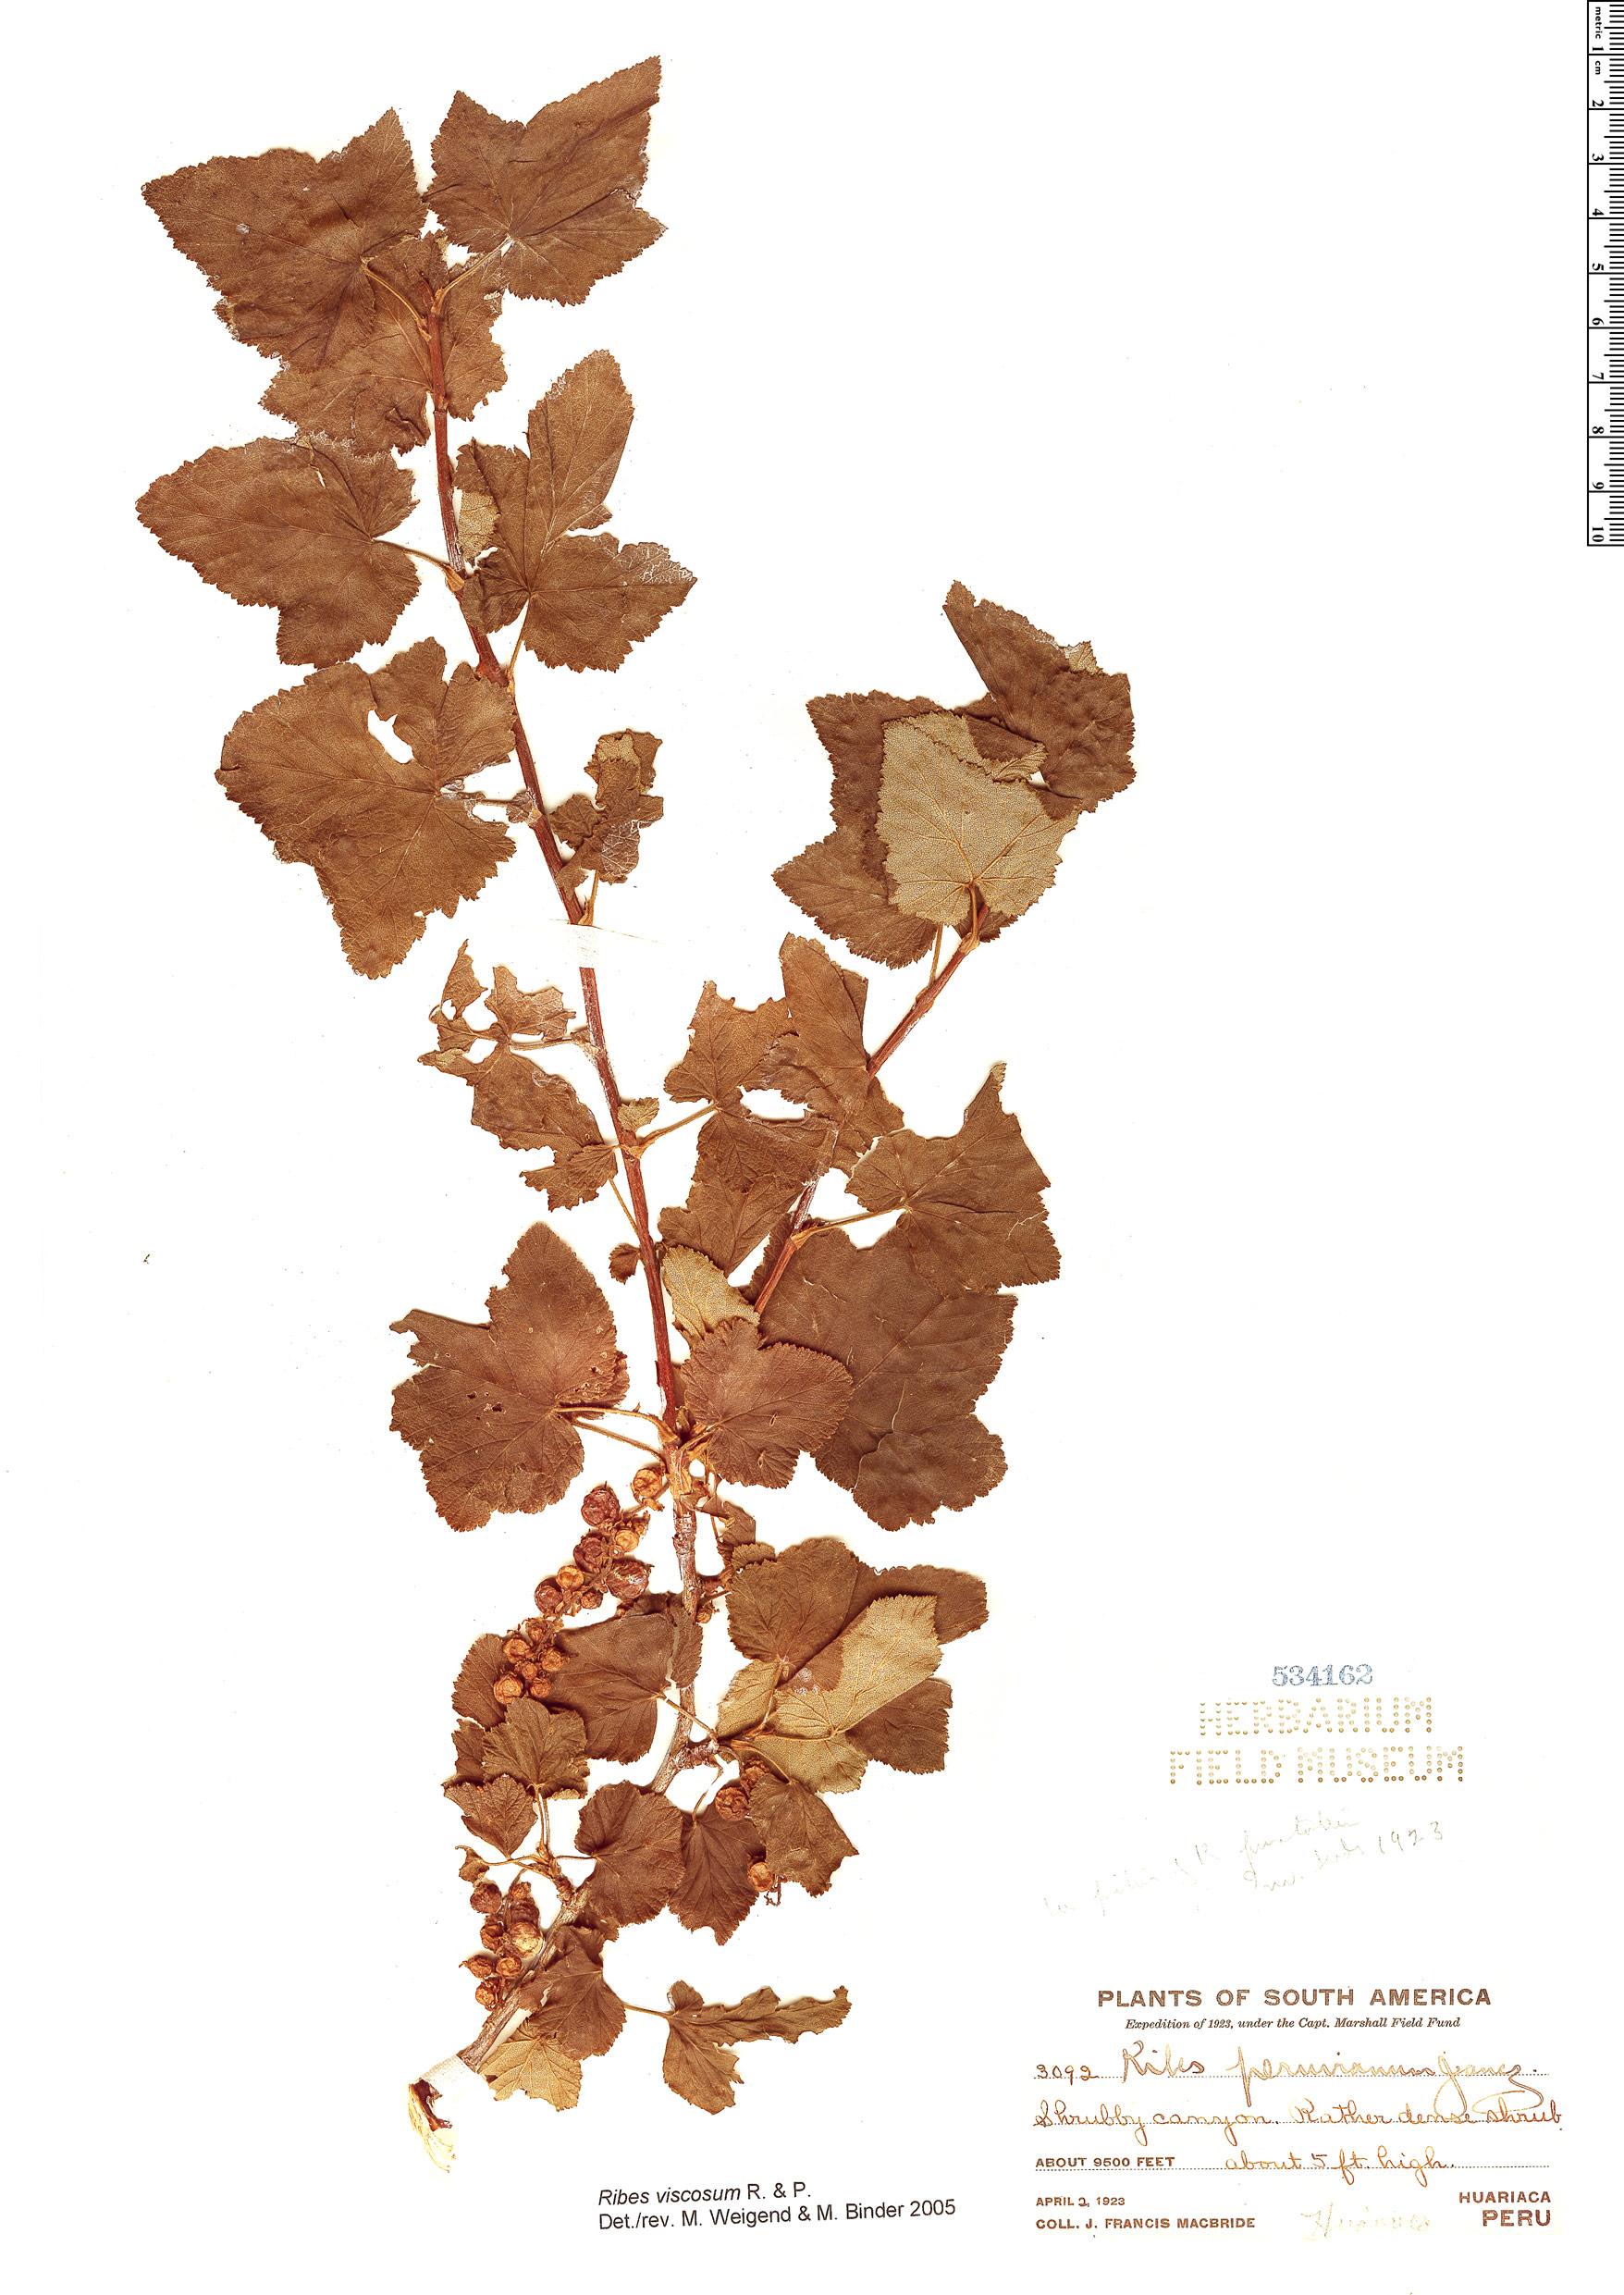 Specimen: Ribes viscosum